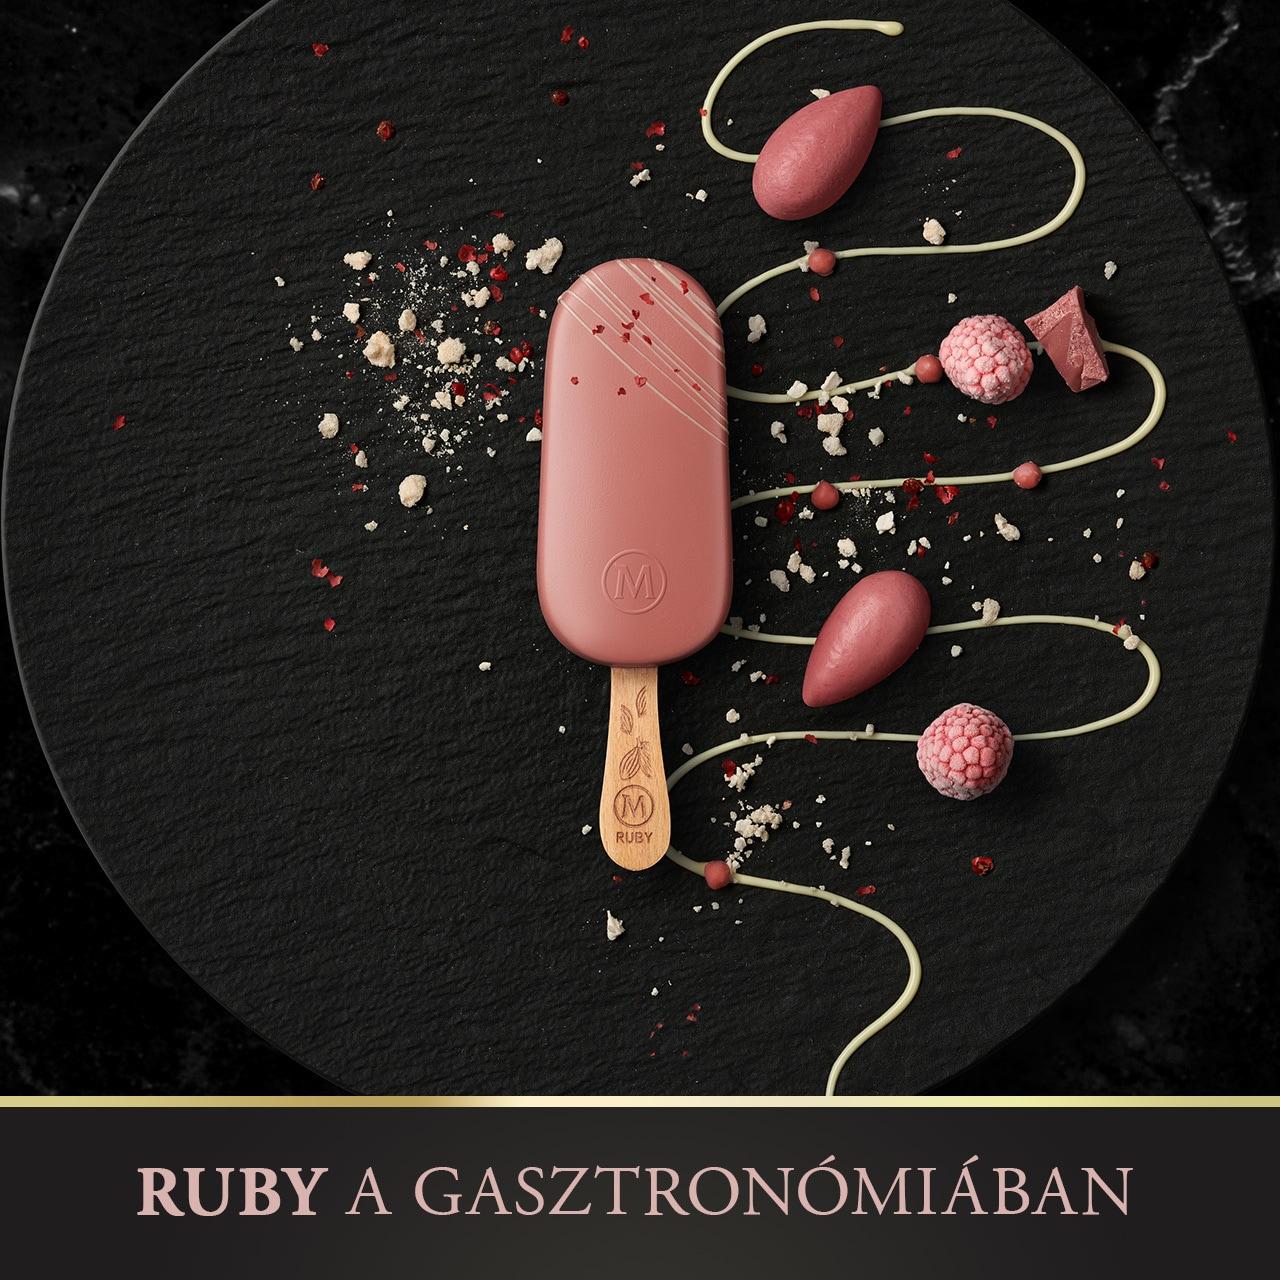 Magnum Ruby a gasztronómiában